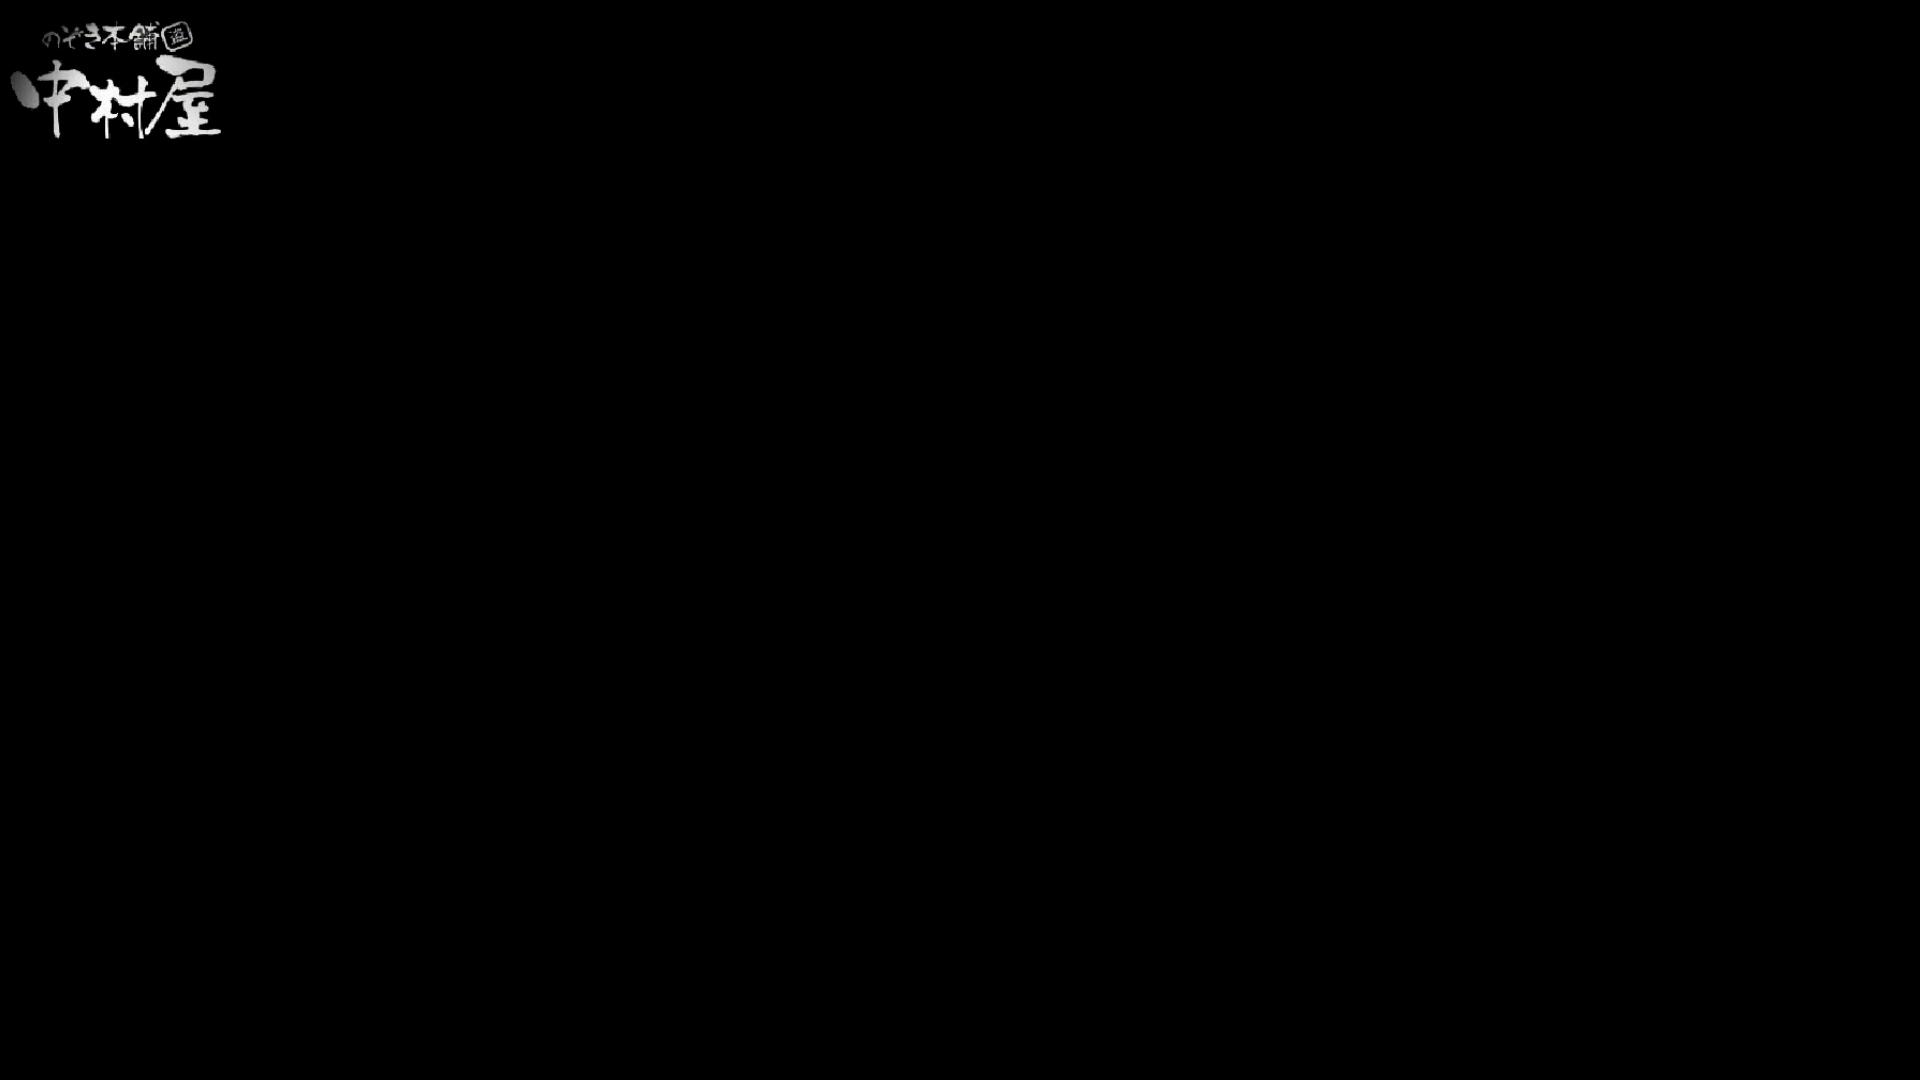 雅さんが厳選新年特別コンテンツ!激走!東京マラソン選手専用女子トイレvol.9 トイレ 盗撮 105PIX 100